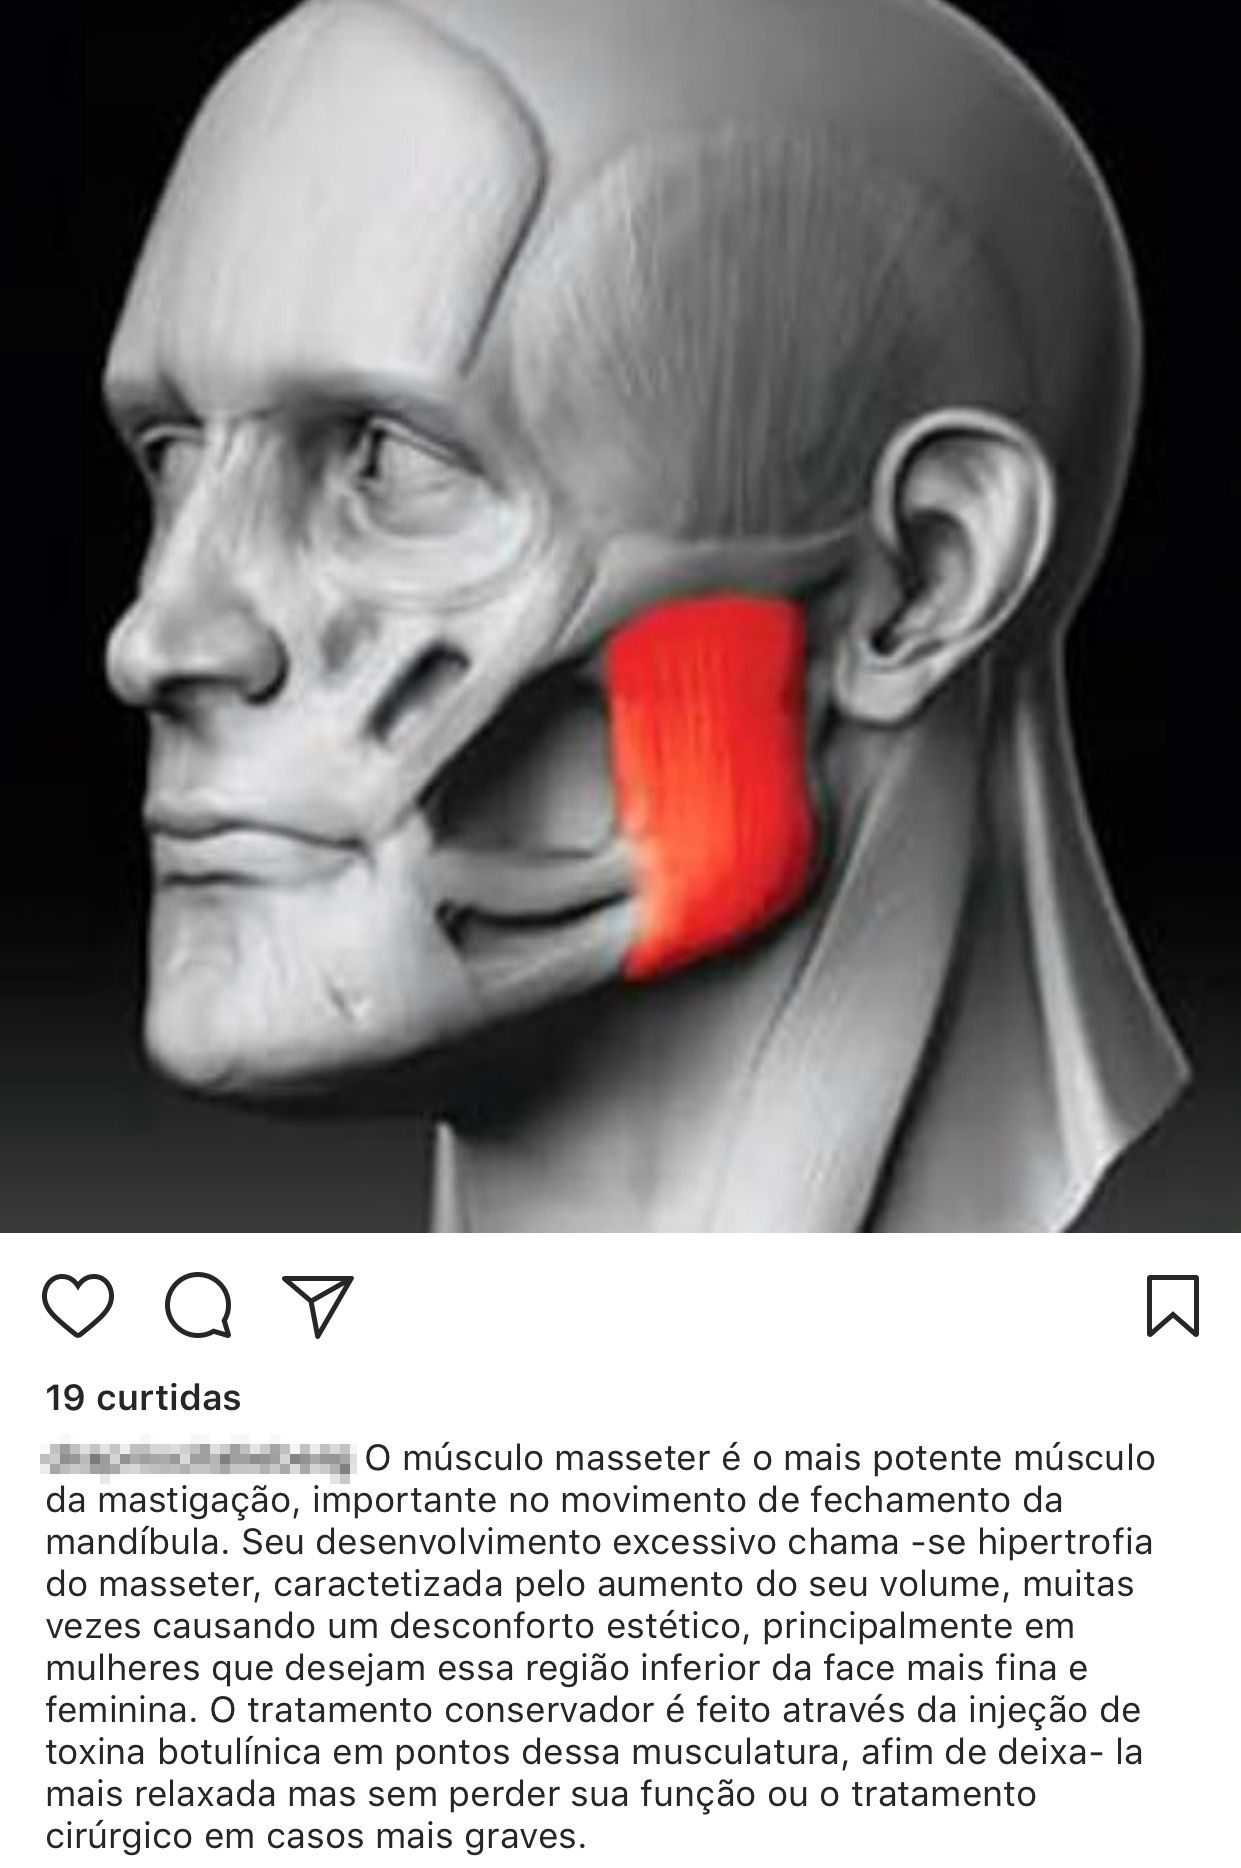 Comentários no Instagram